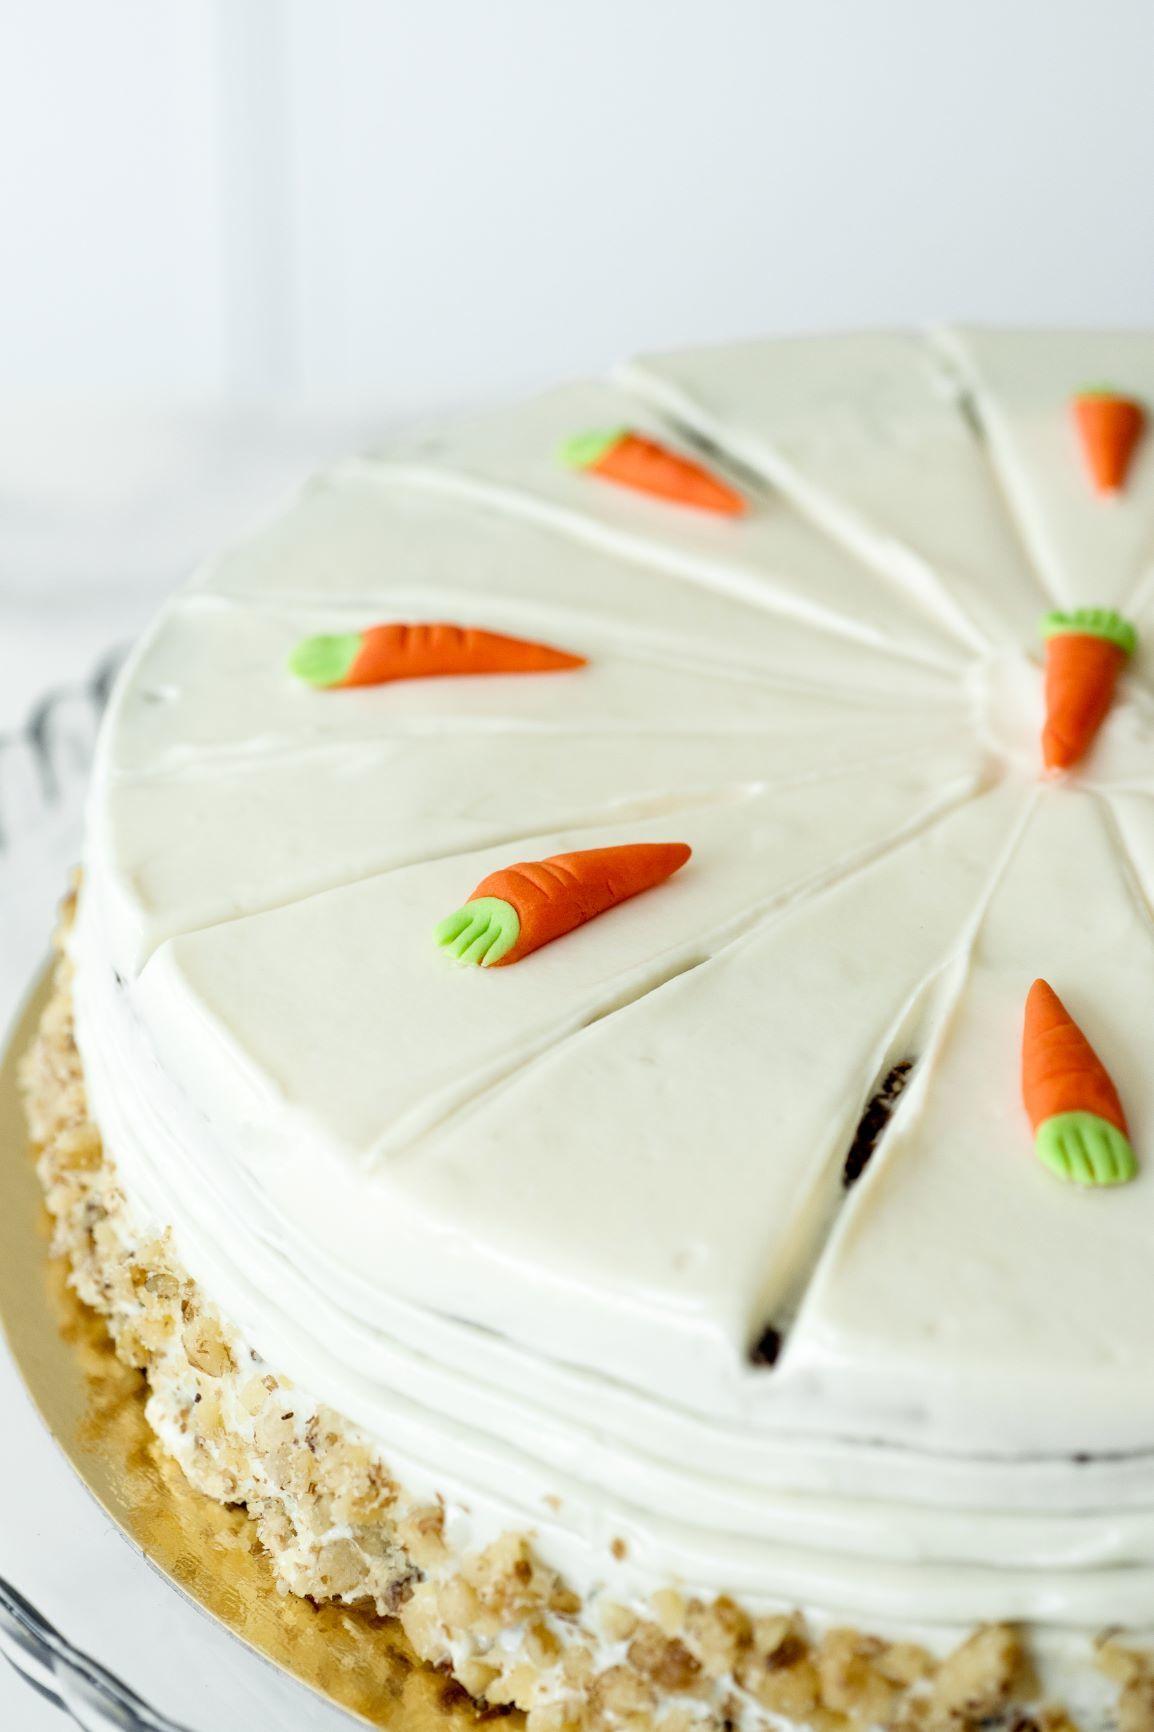 La famosa tarta de zanahoria de Las tartas de Zarina.